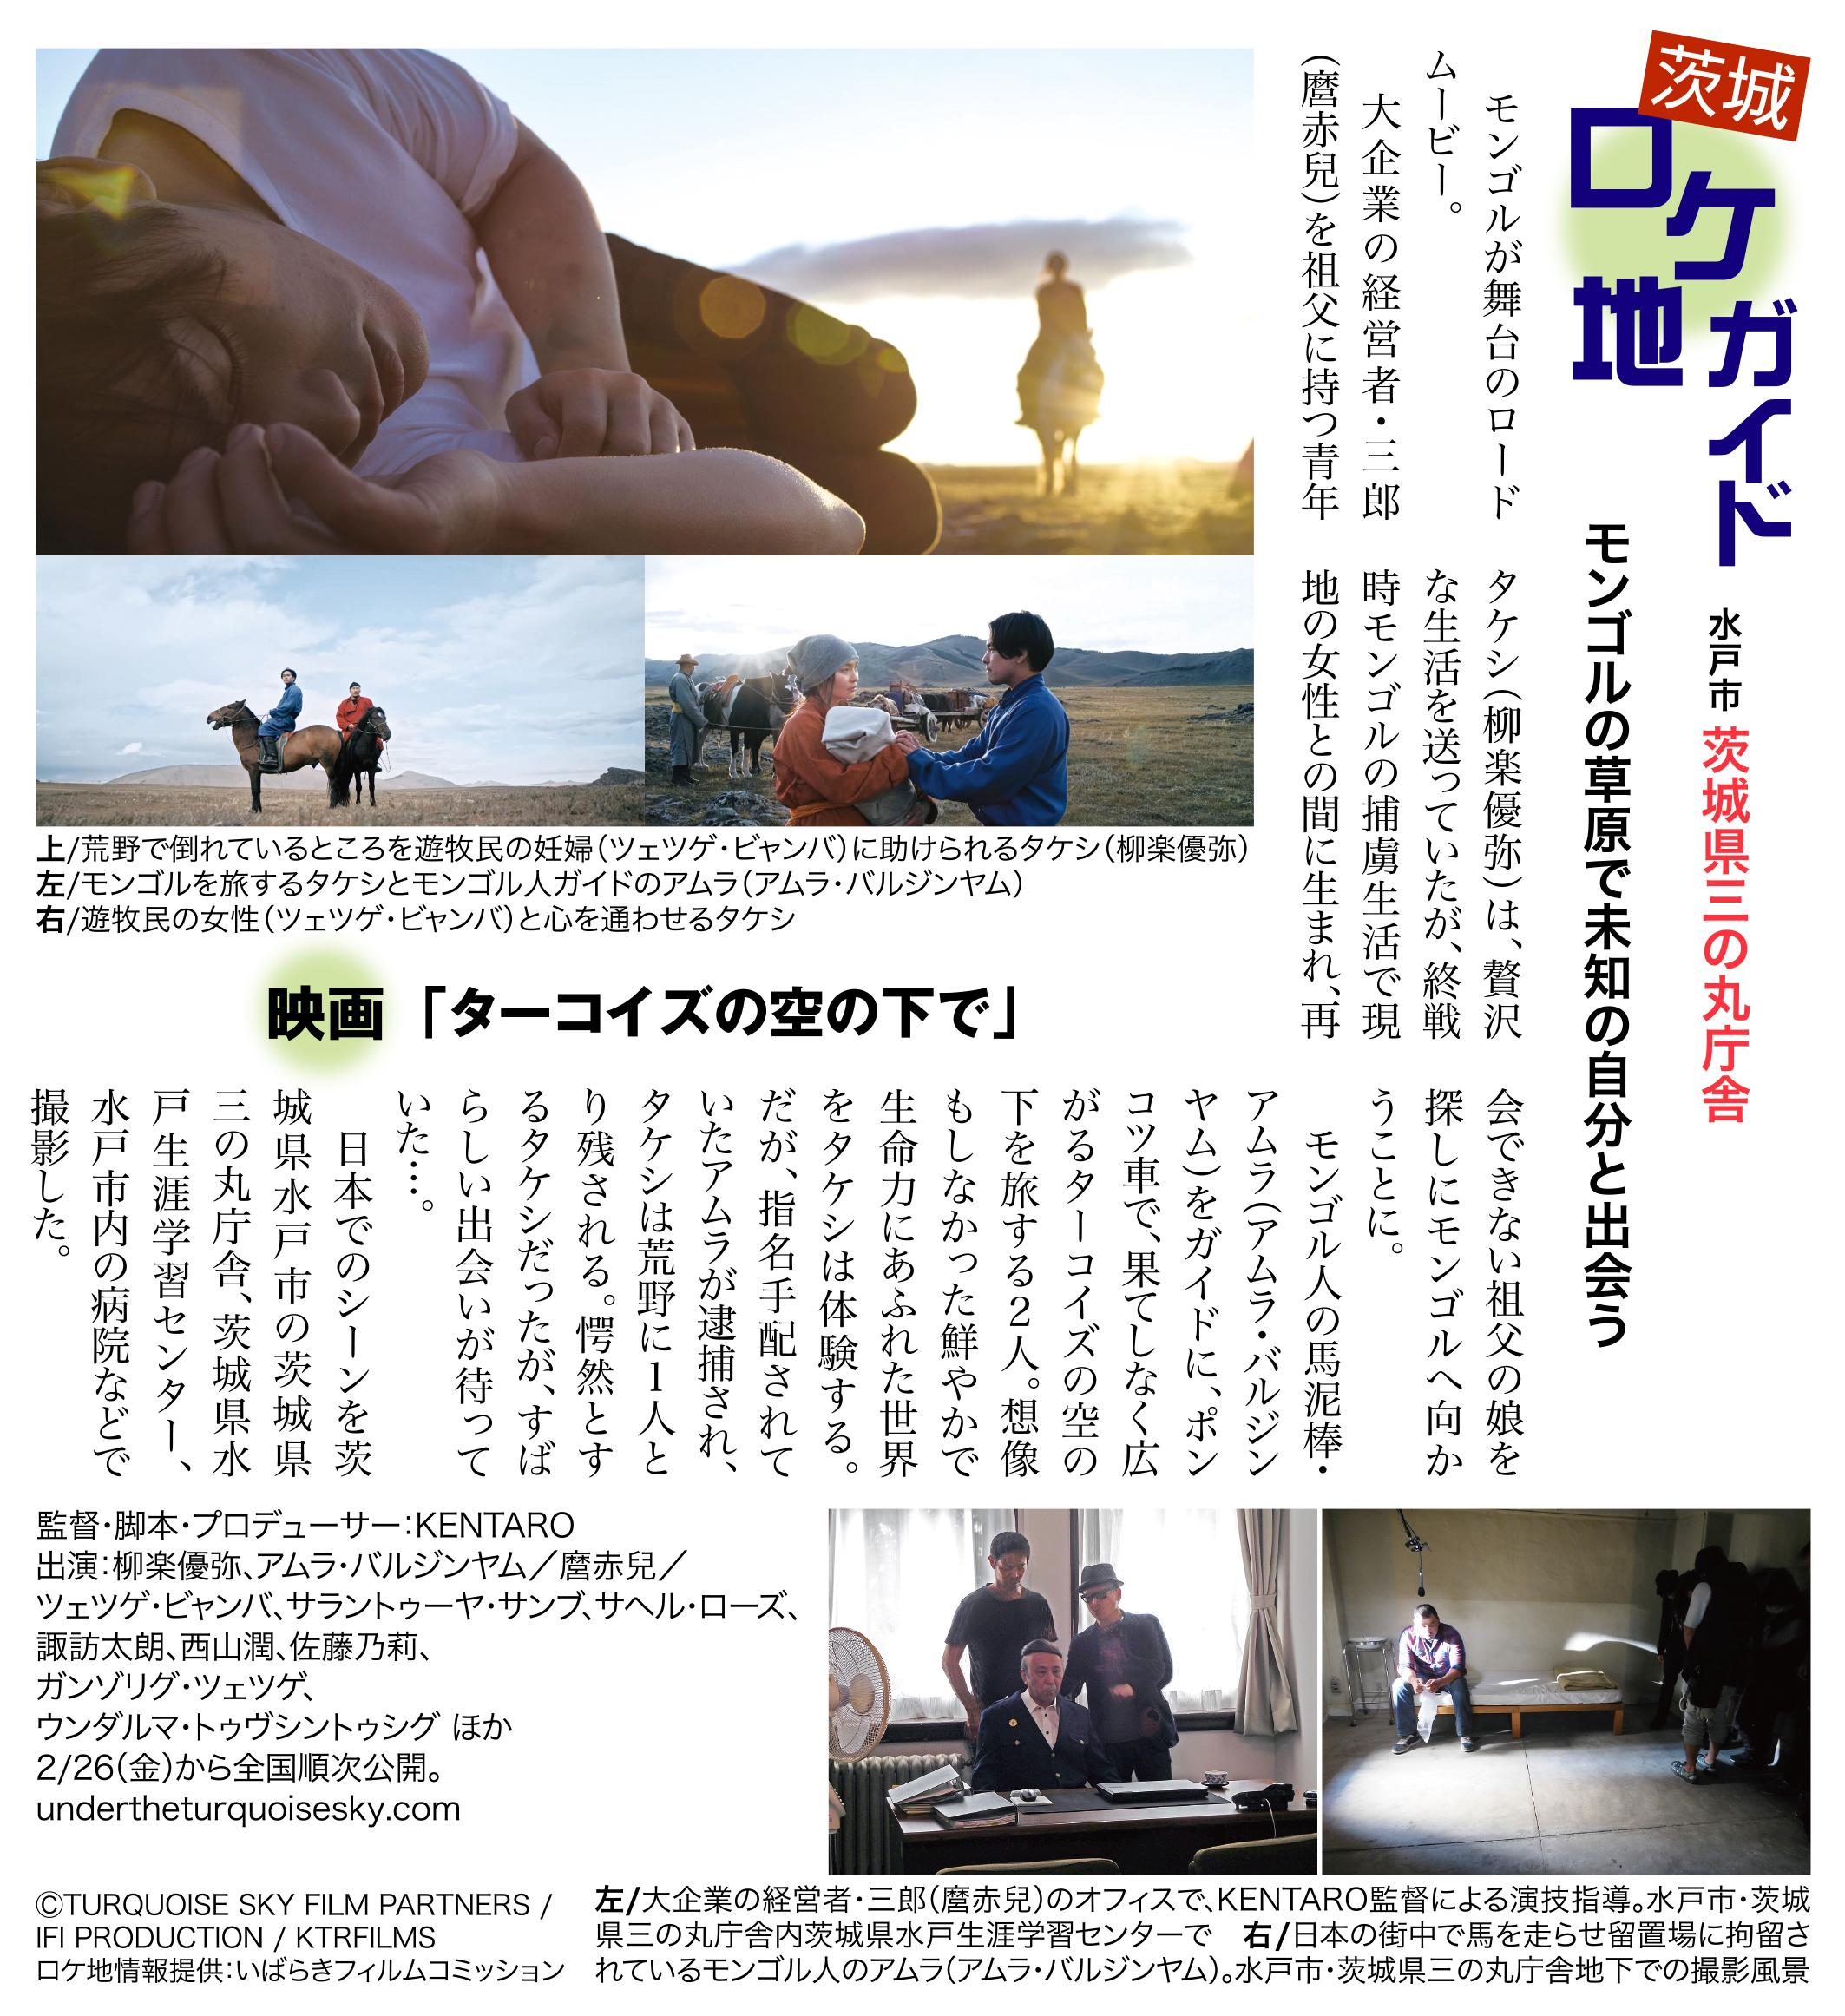 下 で の ターコイズ の 空 柳楽優弥、初の海外合作主演映画『ターコイズの空の下で』海外版予告が、解禁!先行プレミアム上映も開催決定!